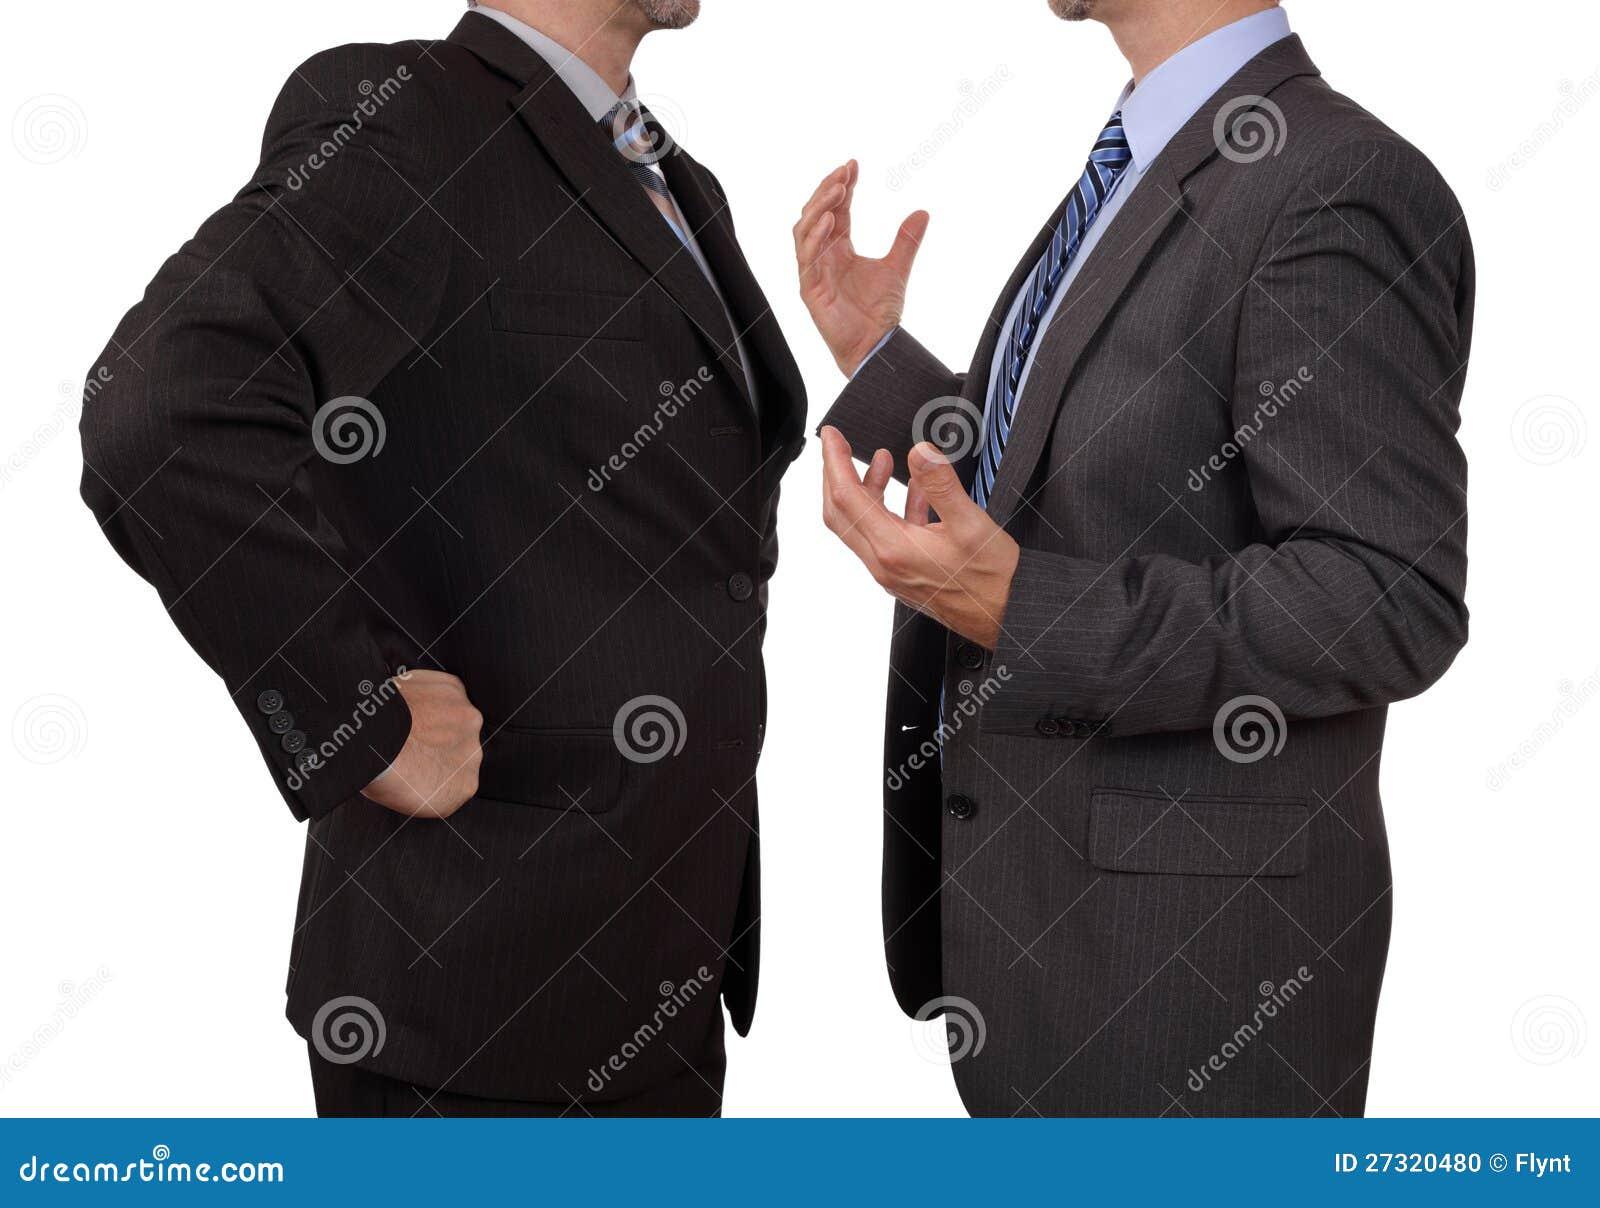 Confrontation au travail